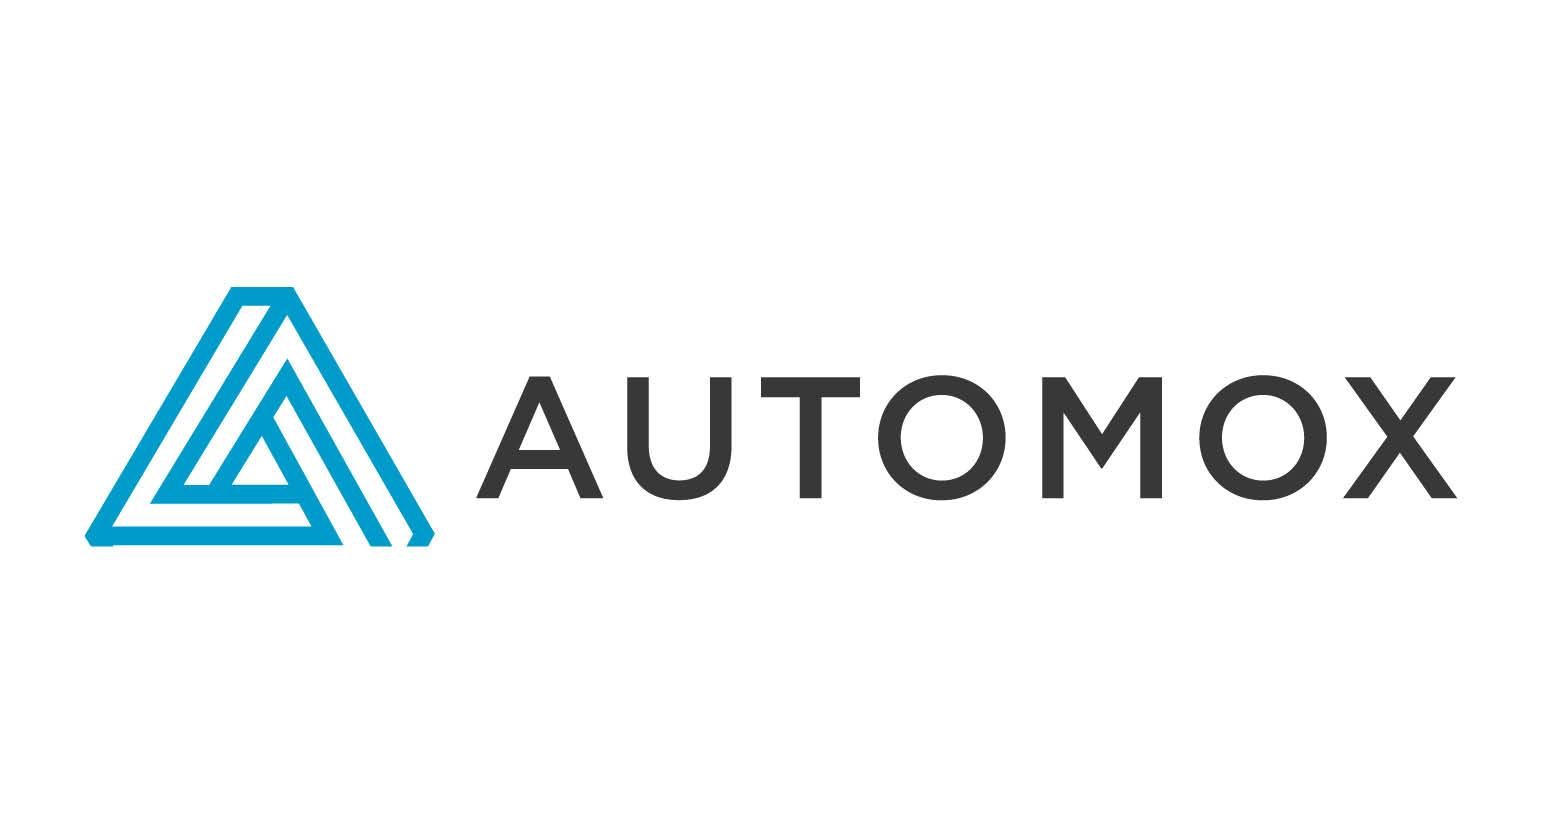 Automox.jpg